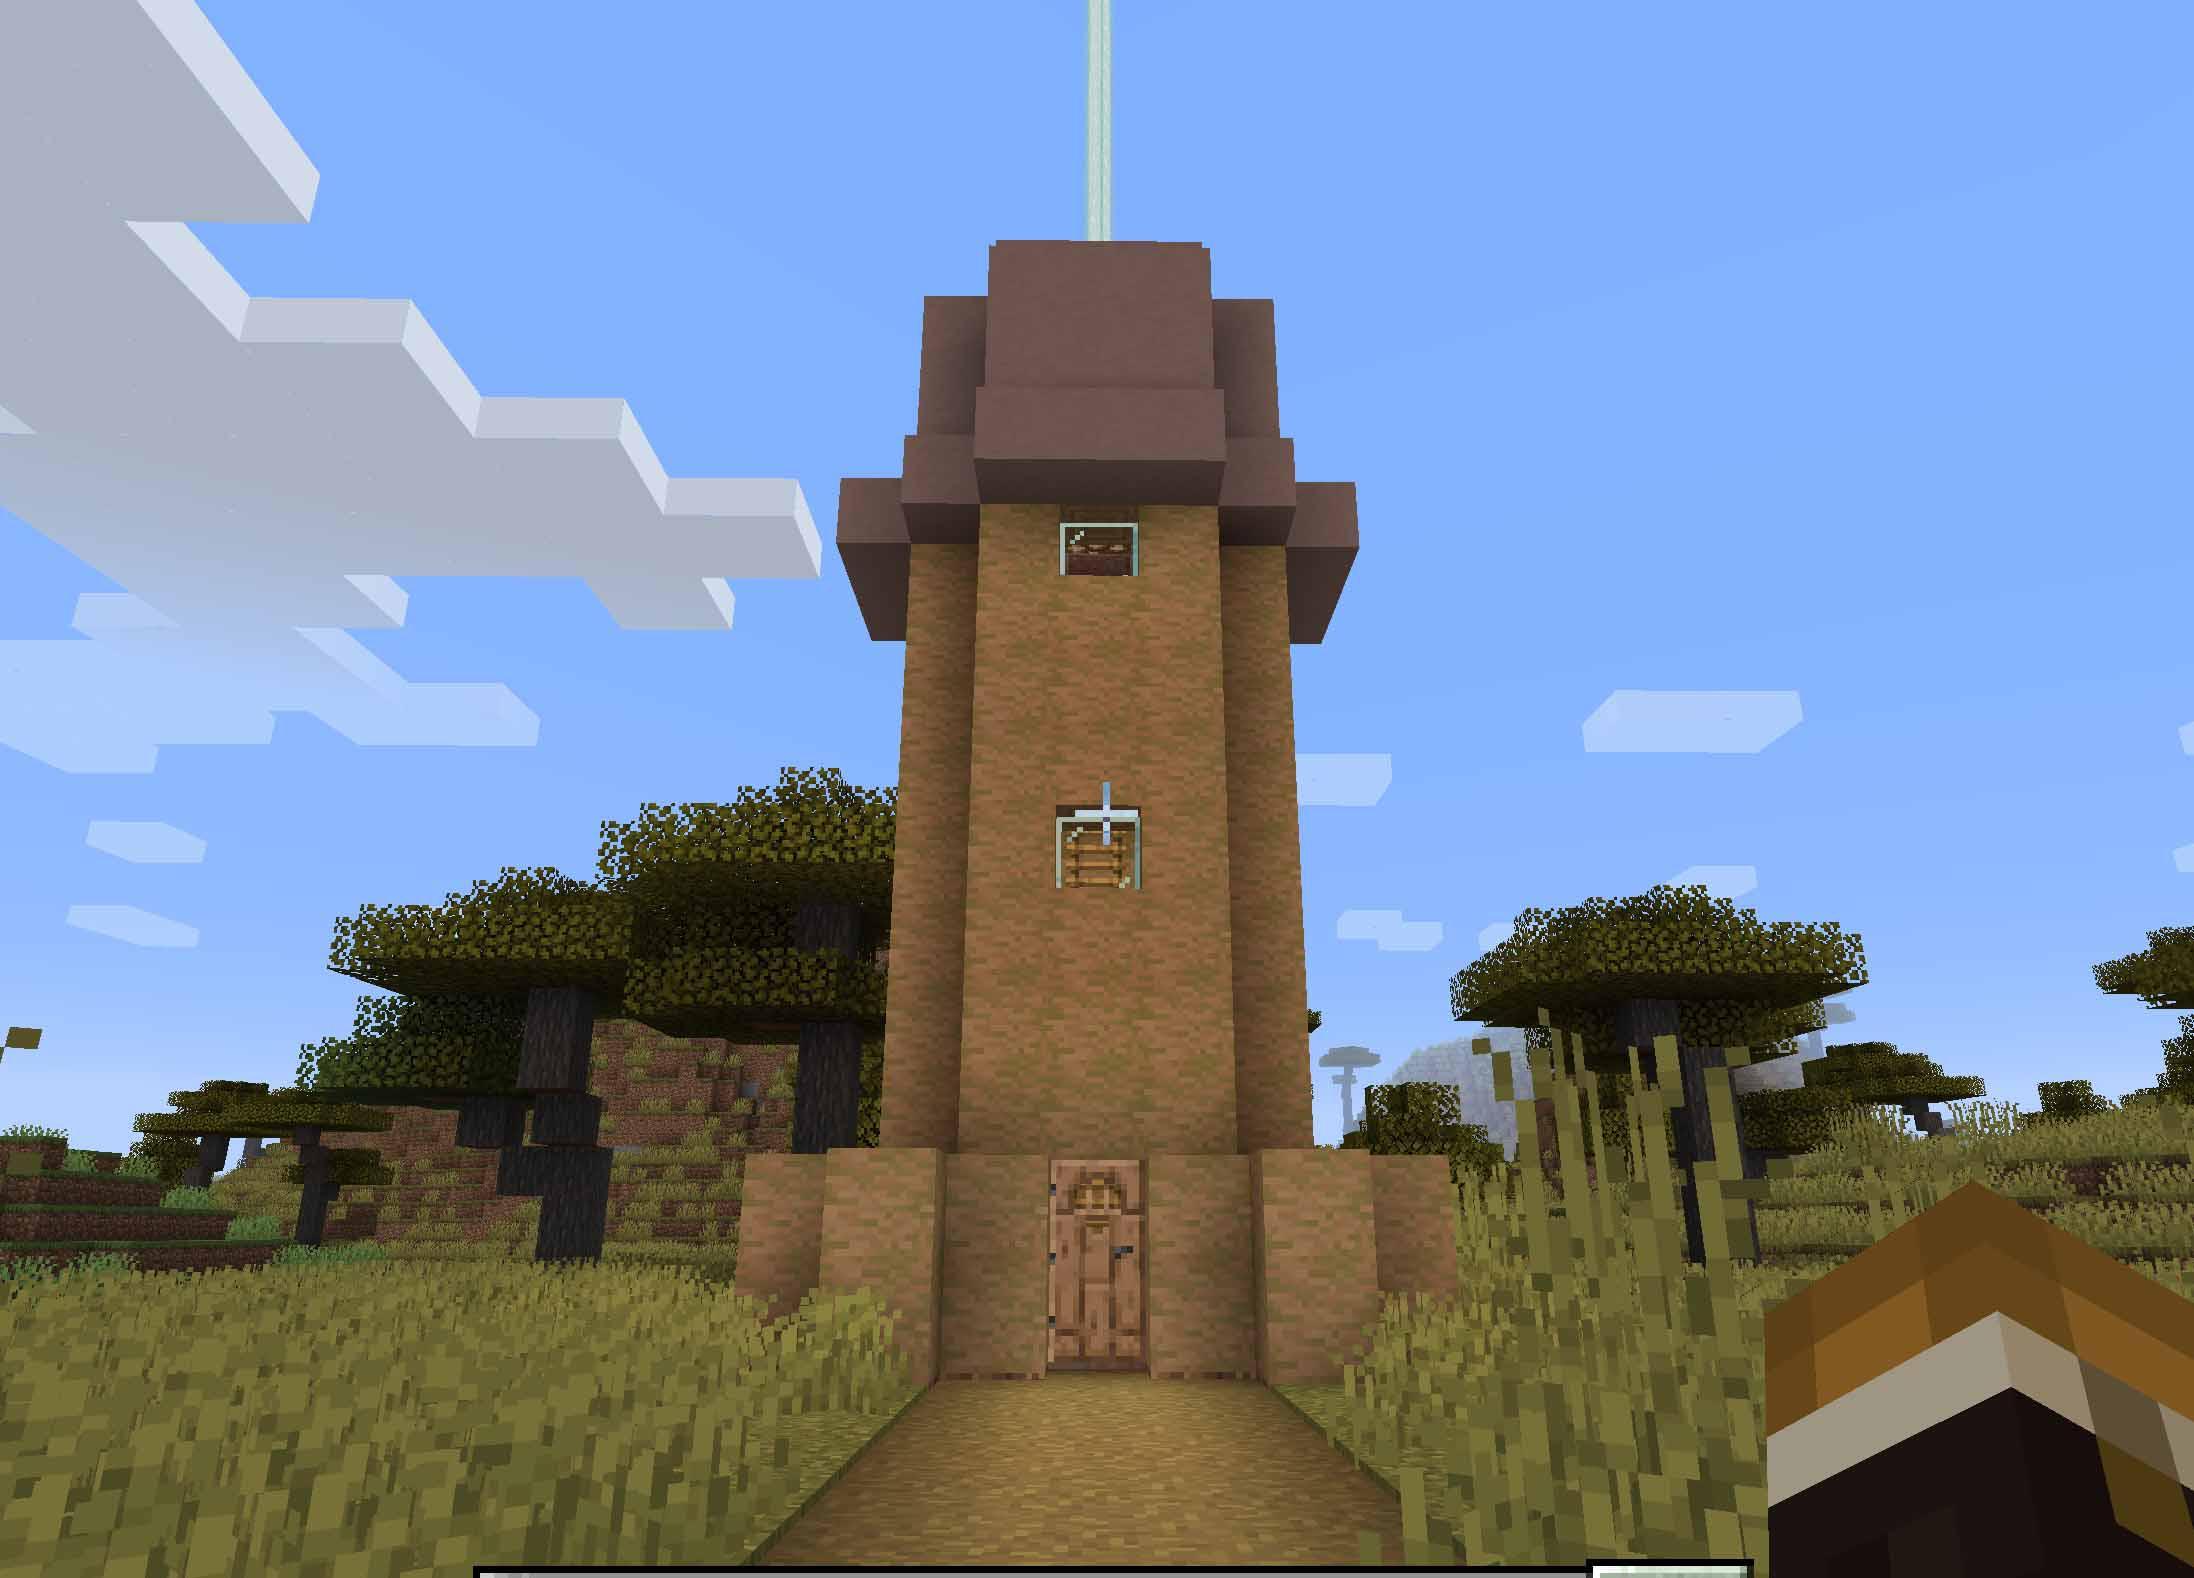 În Minecraft, ce face încântarea de margine măcinată pentru o sabie? Ce efect are?